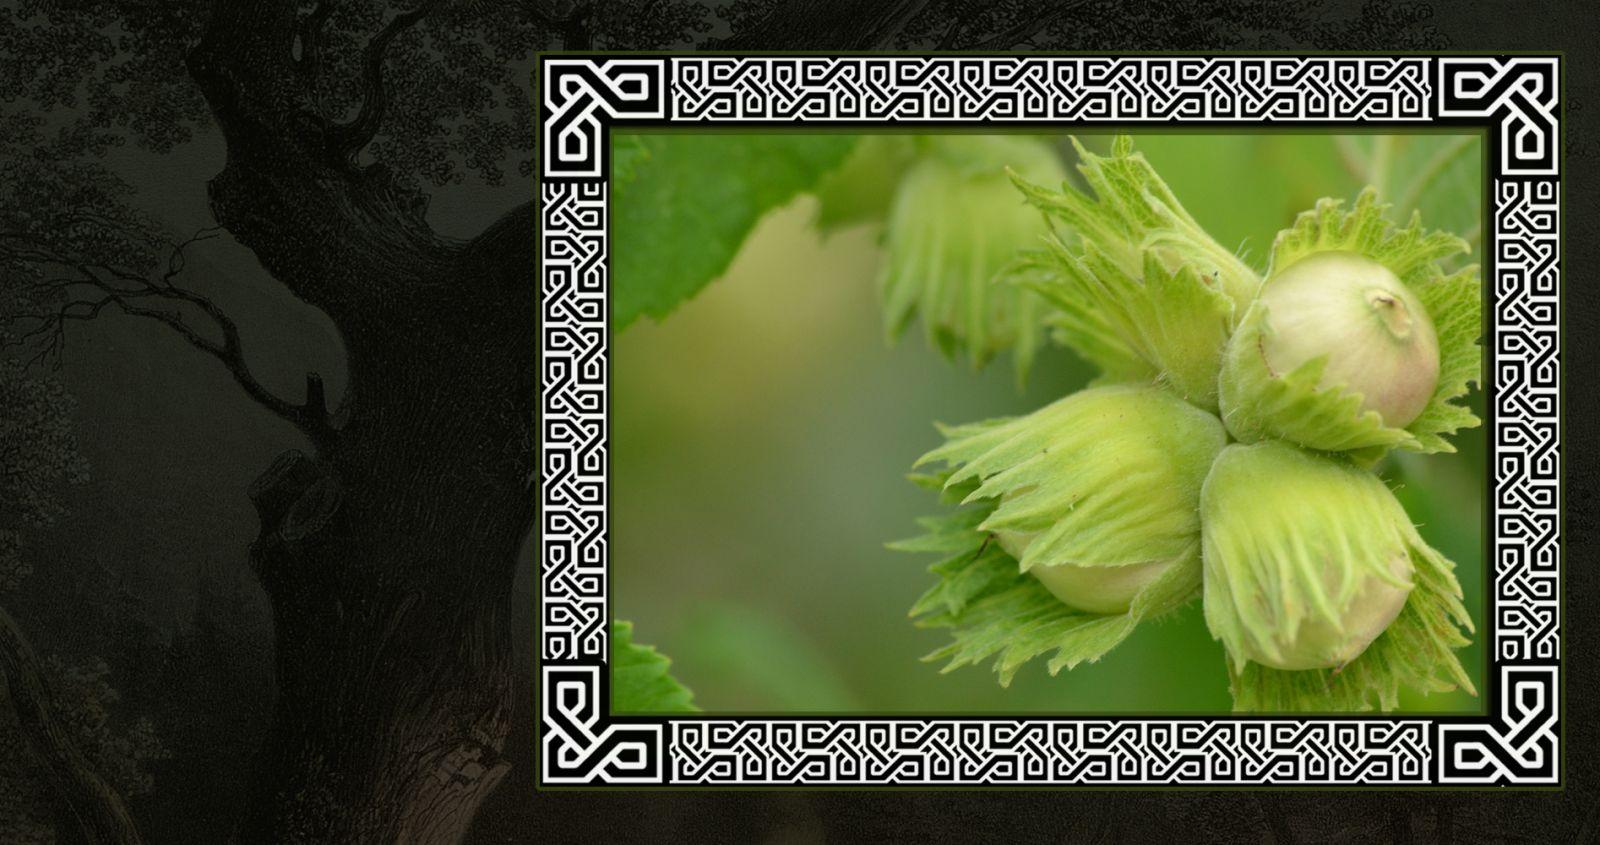 Скрытный орешник в гороскопе друидов